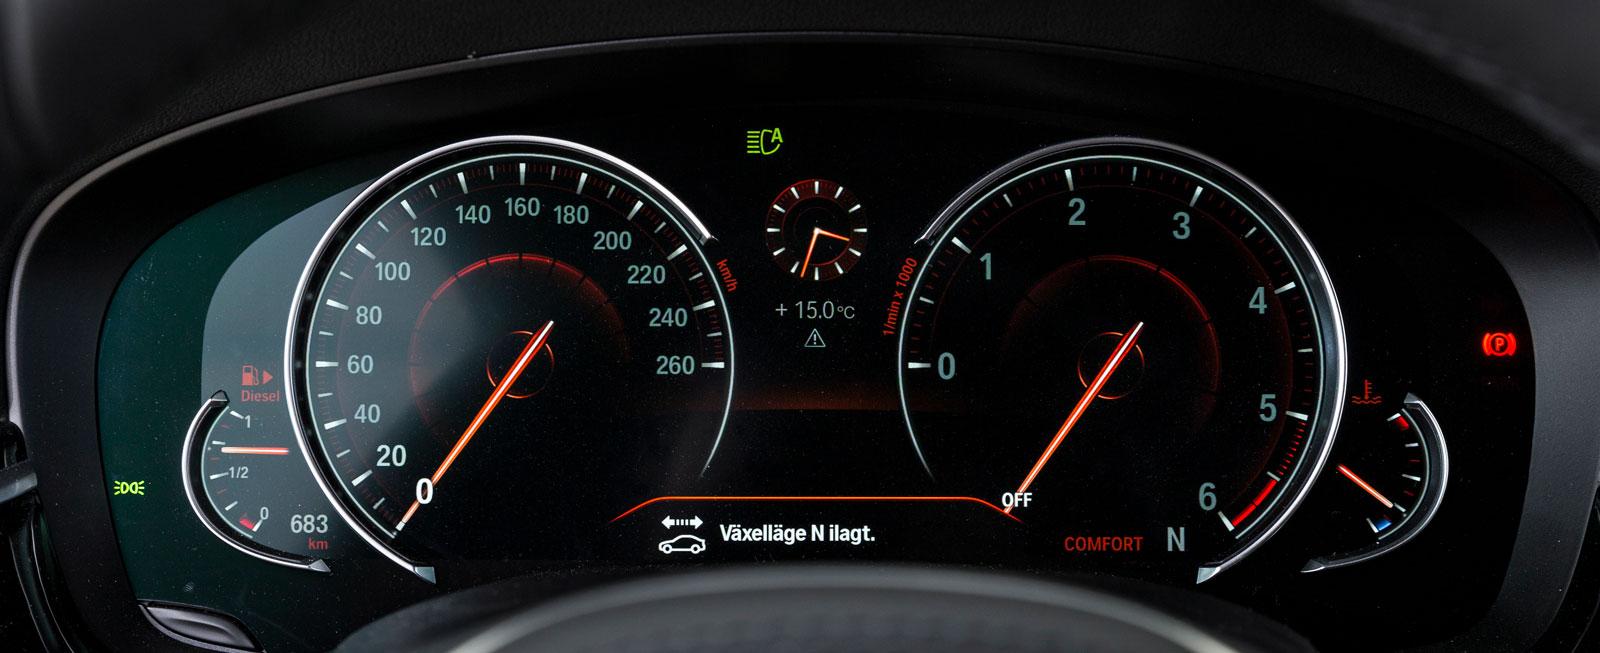 Testbilens digitala instrument kan varieras på en mängd olika sätt. På bilden har vi valt ett alternativ med klassisk hastighetsmätare/varvräknare och en liten analog klocka däremellan.